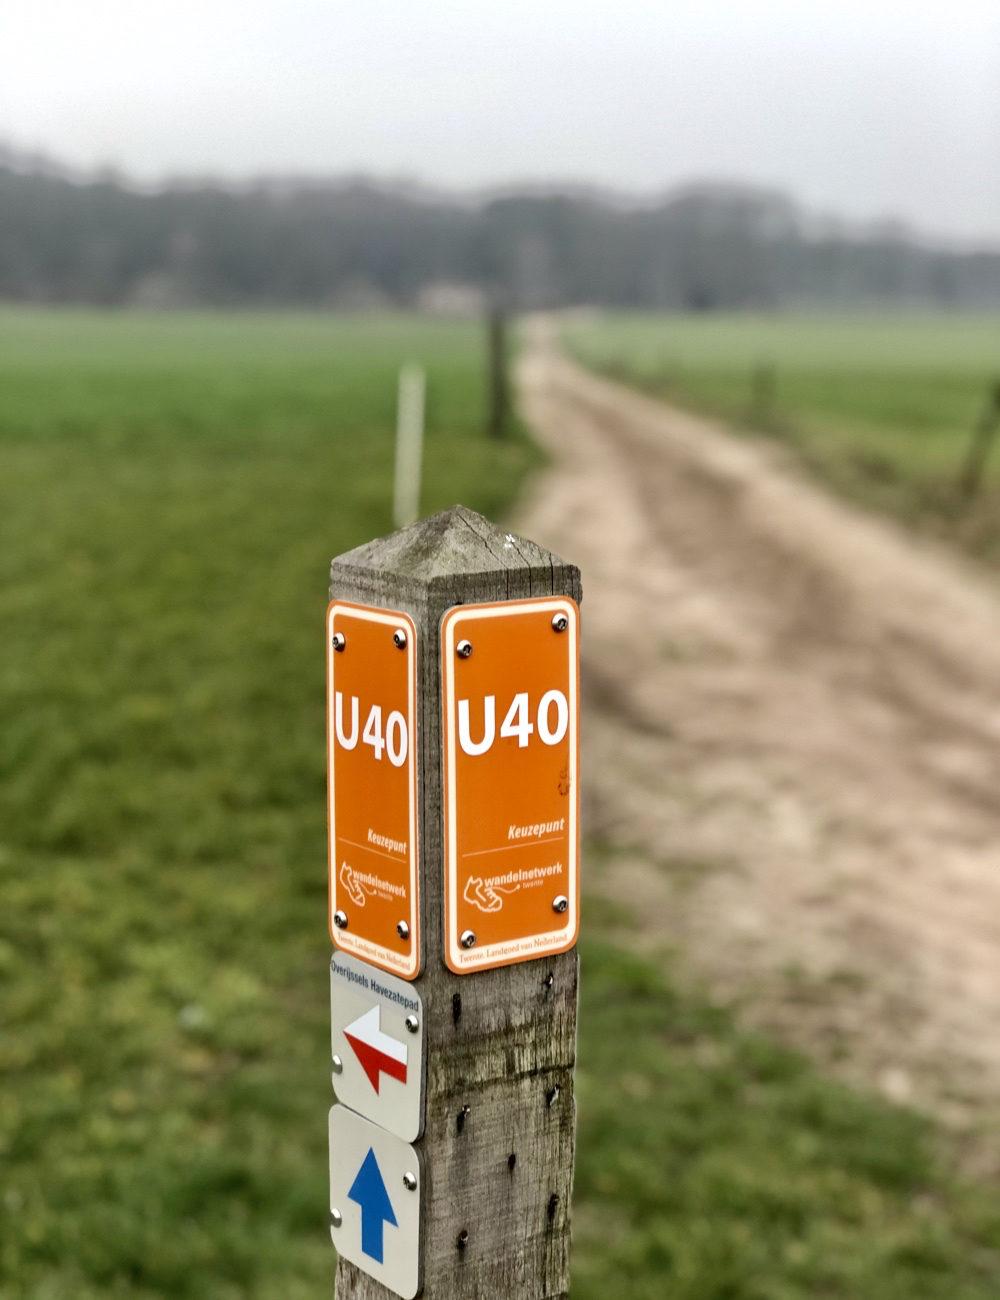 Aanduiding van wandelroute met wandelpad erachtrer